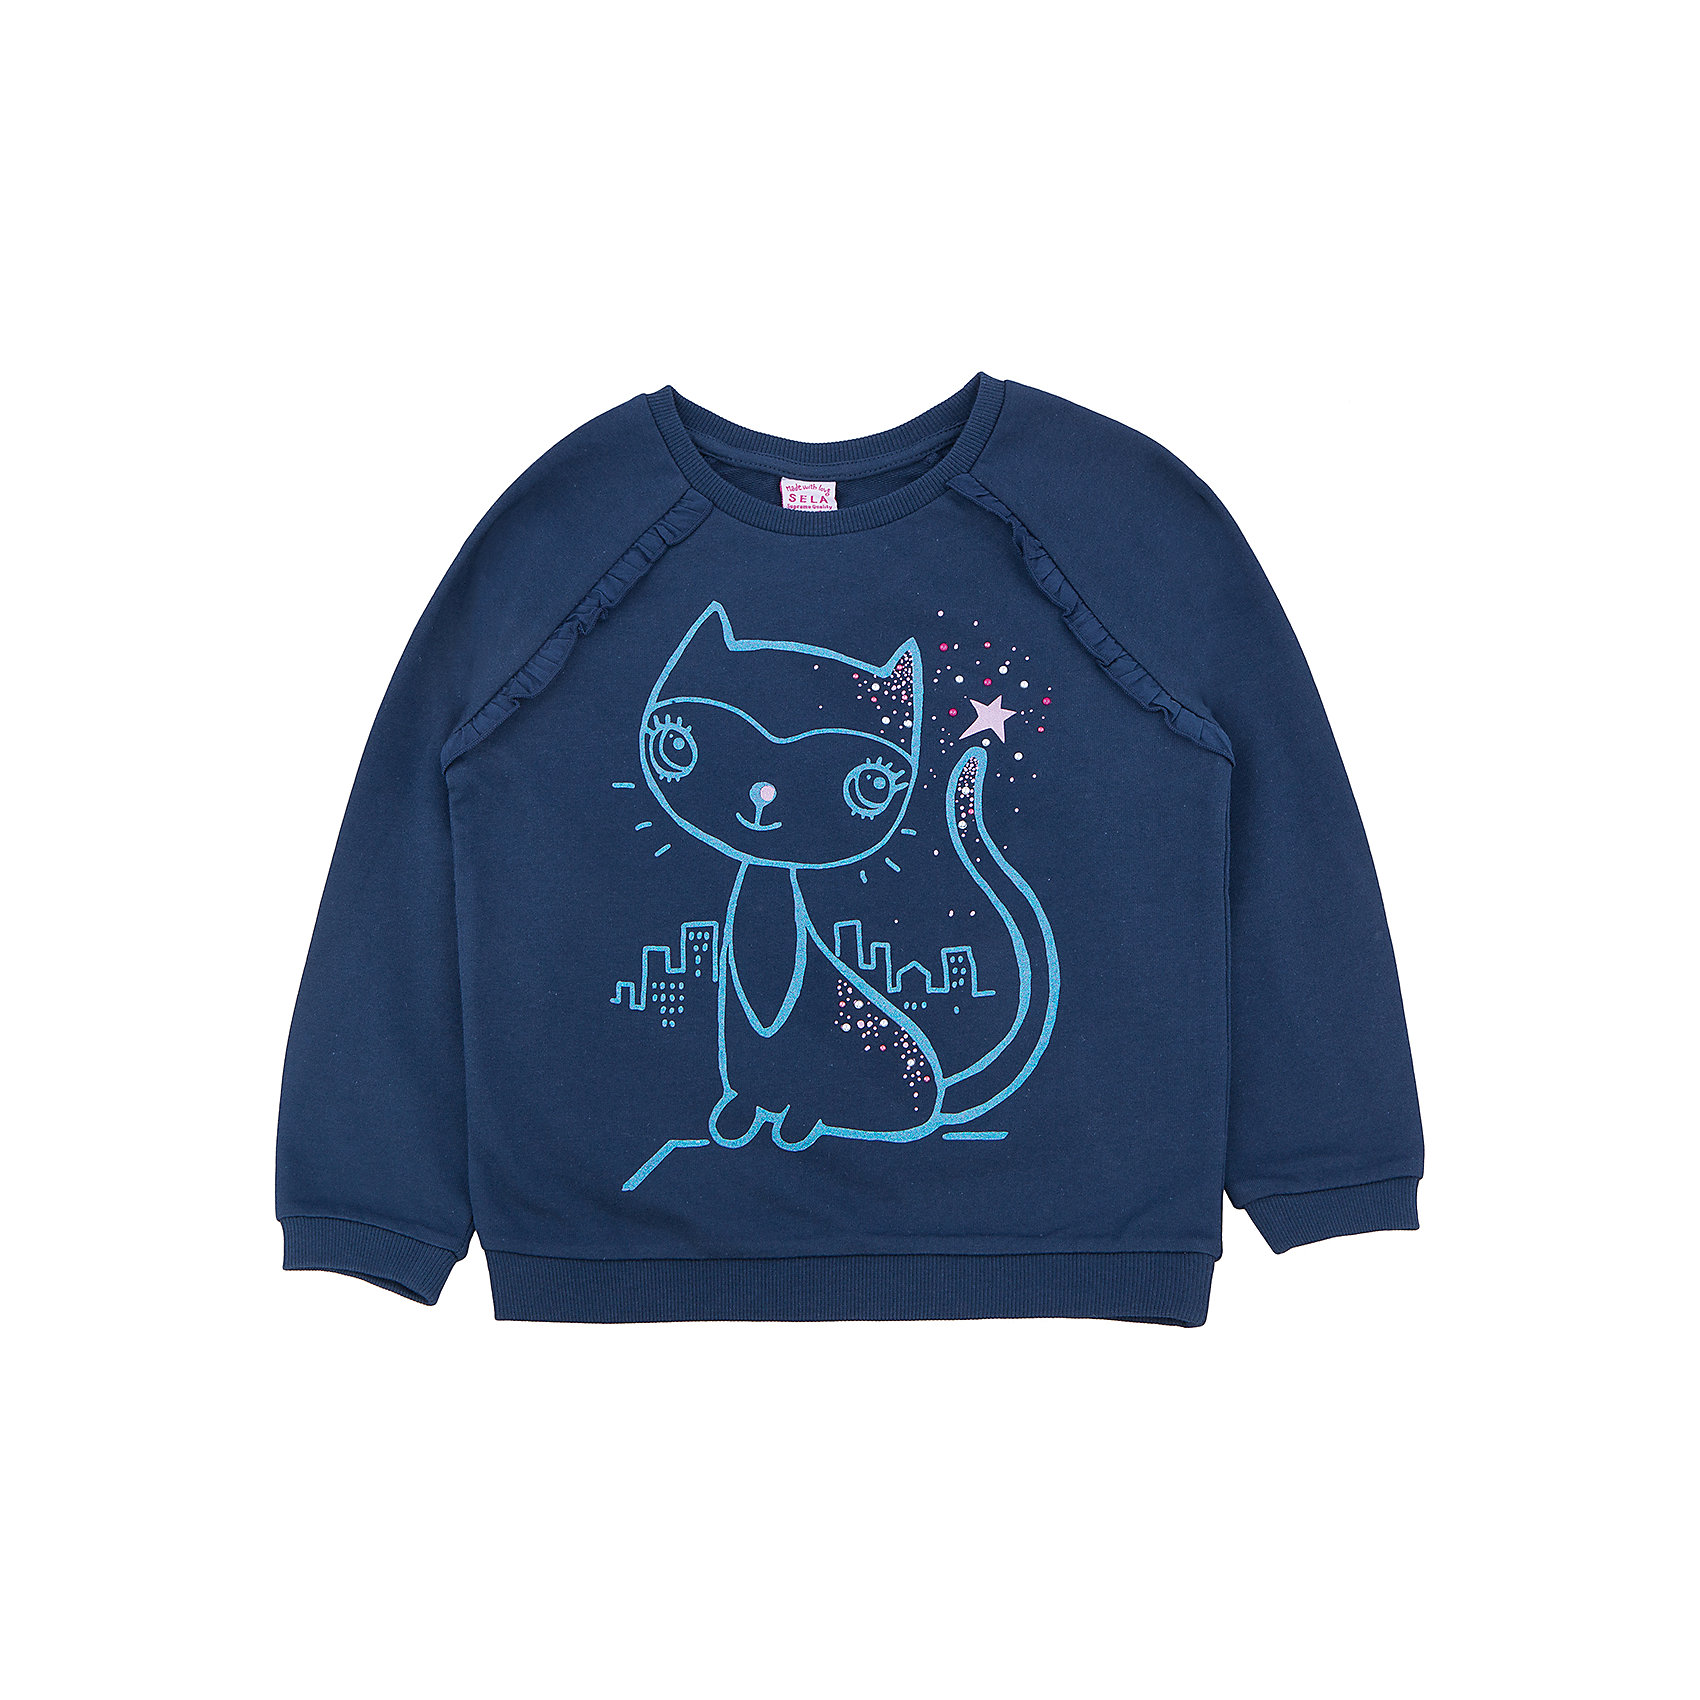 Толстовка для девочки SELAТолстовки<br>Тостовка для девочки из коллекции осень-зима 2016-2017 от известного бренда SELA. Удобный хлопковый джемпер на каждый день. Приятный темно-синий цвет и яркий рисунок кошки придут по вкусу модницам и любительницам животных. Джемпер отлично подойдет к юбкам и к джинсам.<br><br>Дополнительная информация:<br>- Длина: нормальная<br>- Рукав: длинный, реглан<br>- Силуэт: прямой<br>Состав: 100% хлопок <br><br>Джемпер для девочек Sela можно купить в нашем интернет-магазине.<br><br>Подробнее:<br>• Для детей в возрасте: от 2 до 6 лет<br>• Номер товара: 4913375<br>Страна производитель: Китай<br><br>Ширина мм: 190<br>Глубина мм: 74<br>Высота мм: 229<br>Вес г: 236<br>Цвет: синий<br>Возраст от месяцев: 18<br>Возраст до месяцев: 24<br>Пол: Женский<br>Возраст: Детский<br>Размер: 92,110,116,98,104<br>SKU: 4913374